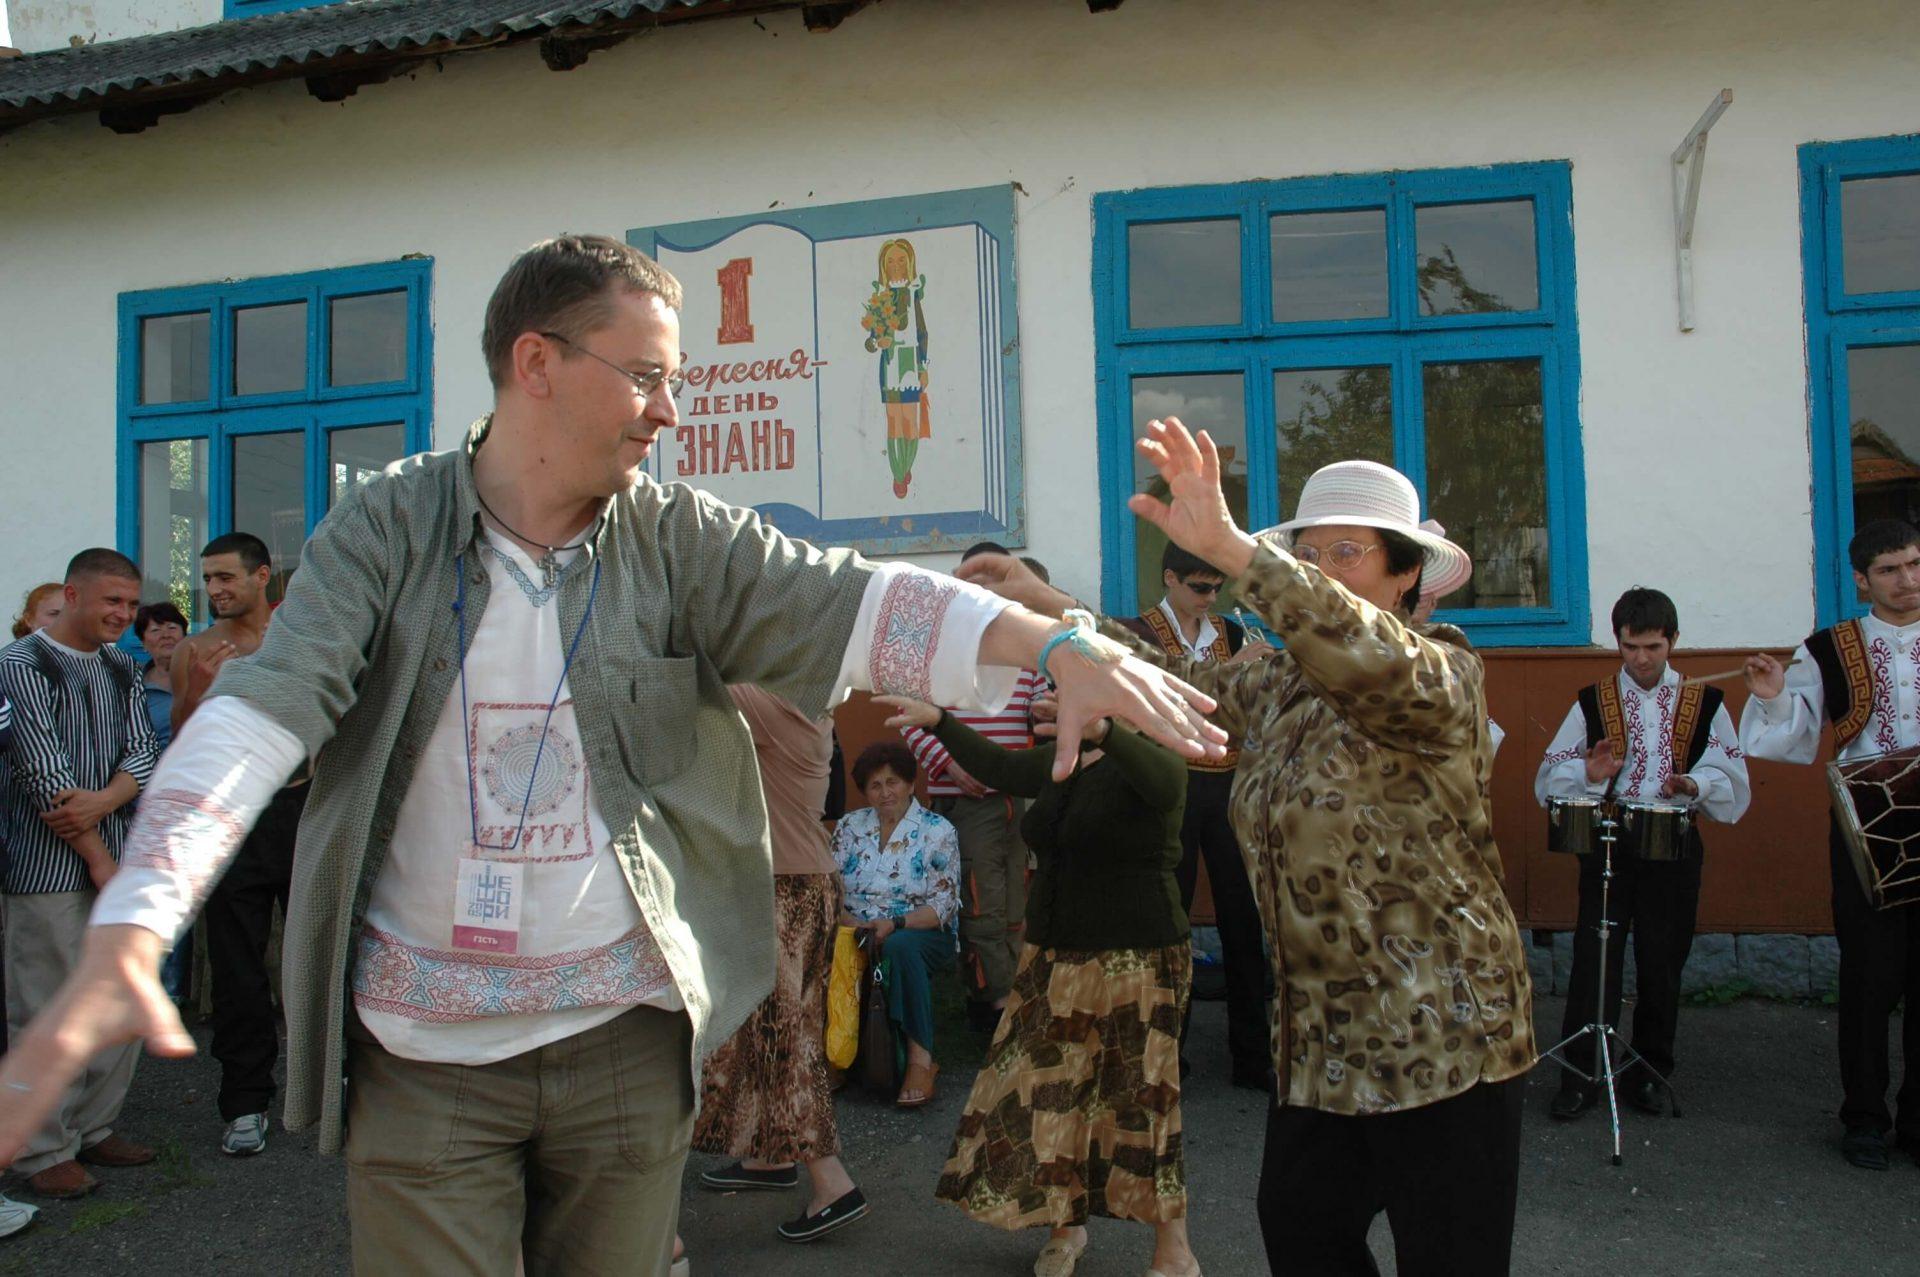 Музиканти в народних костюмах грають під стінами місцевої школи, глядачі розважаються і танцюють на фестивалі в Шешорах